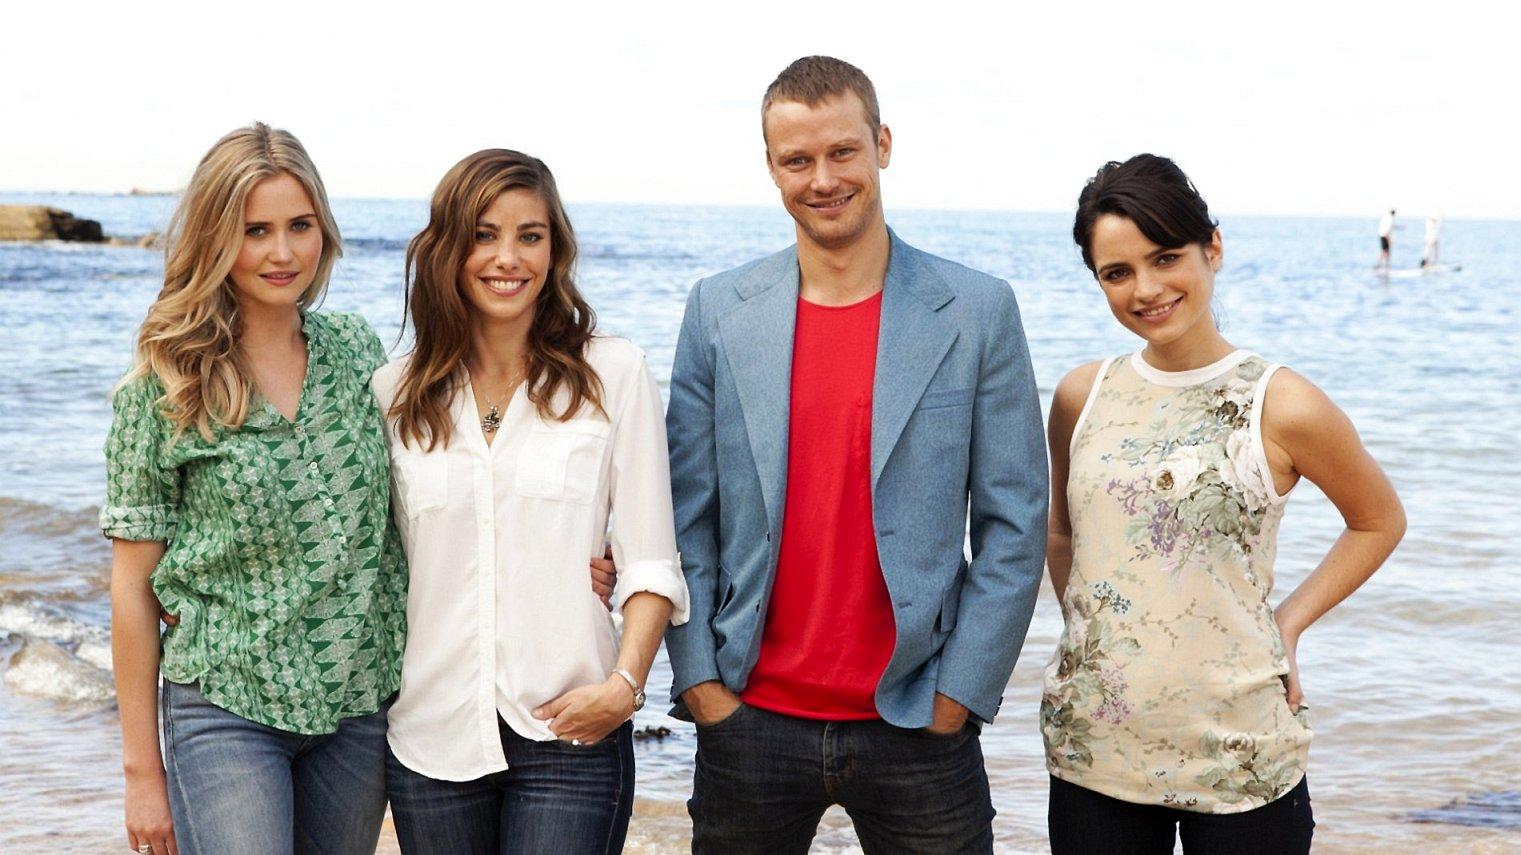 cast of Wonderland season 3